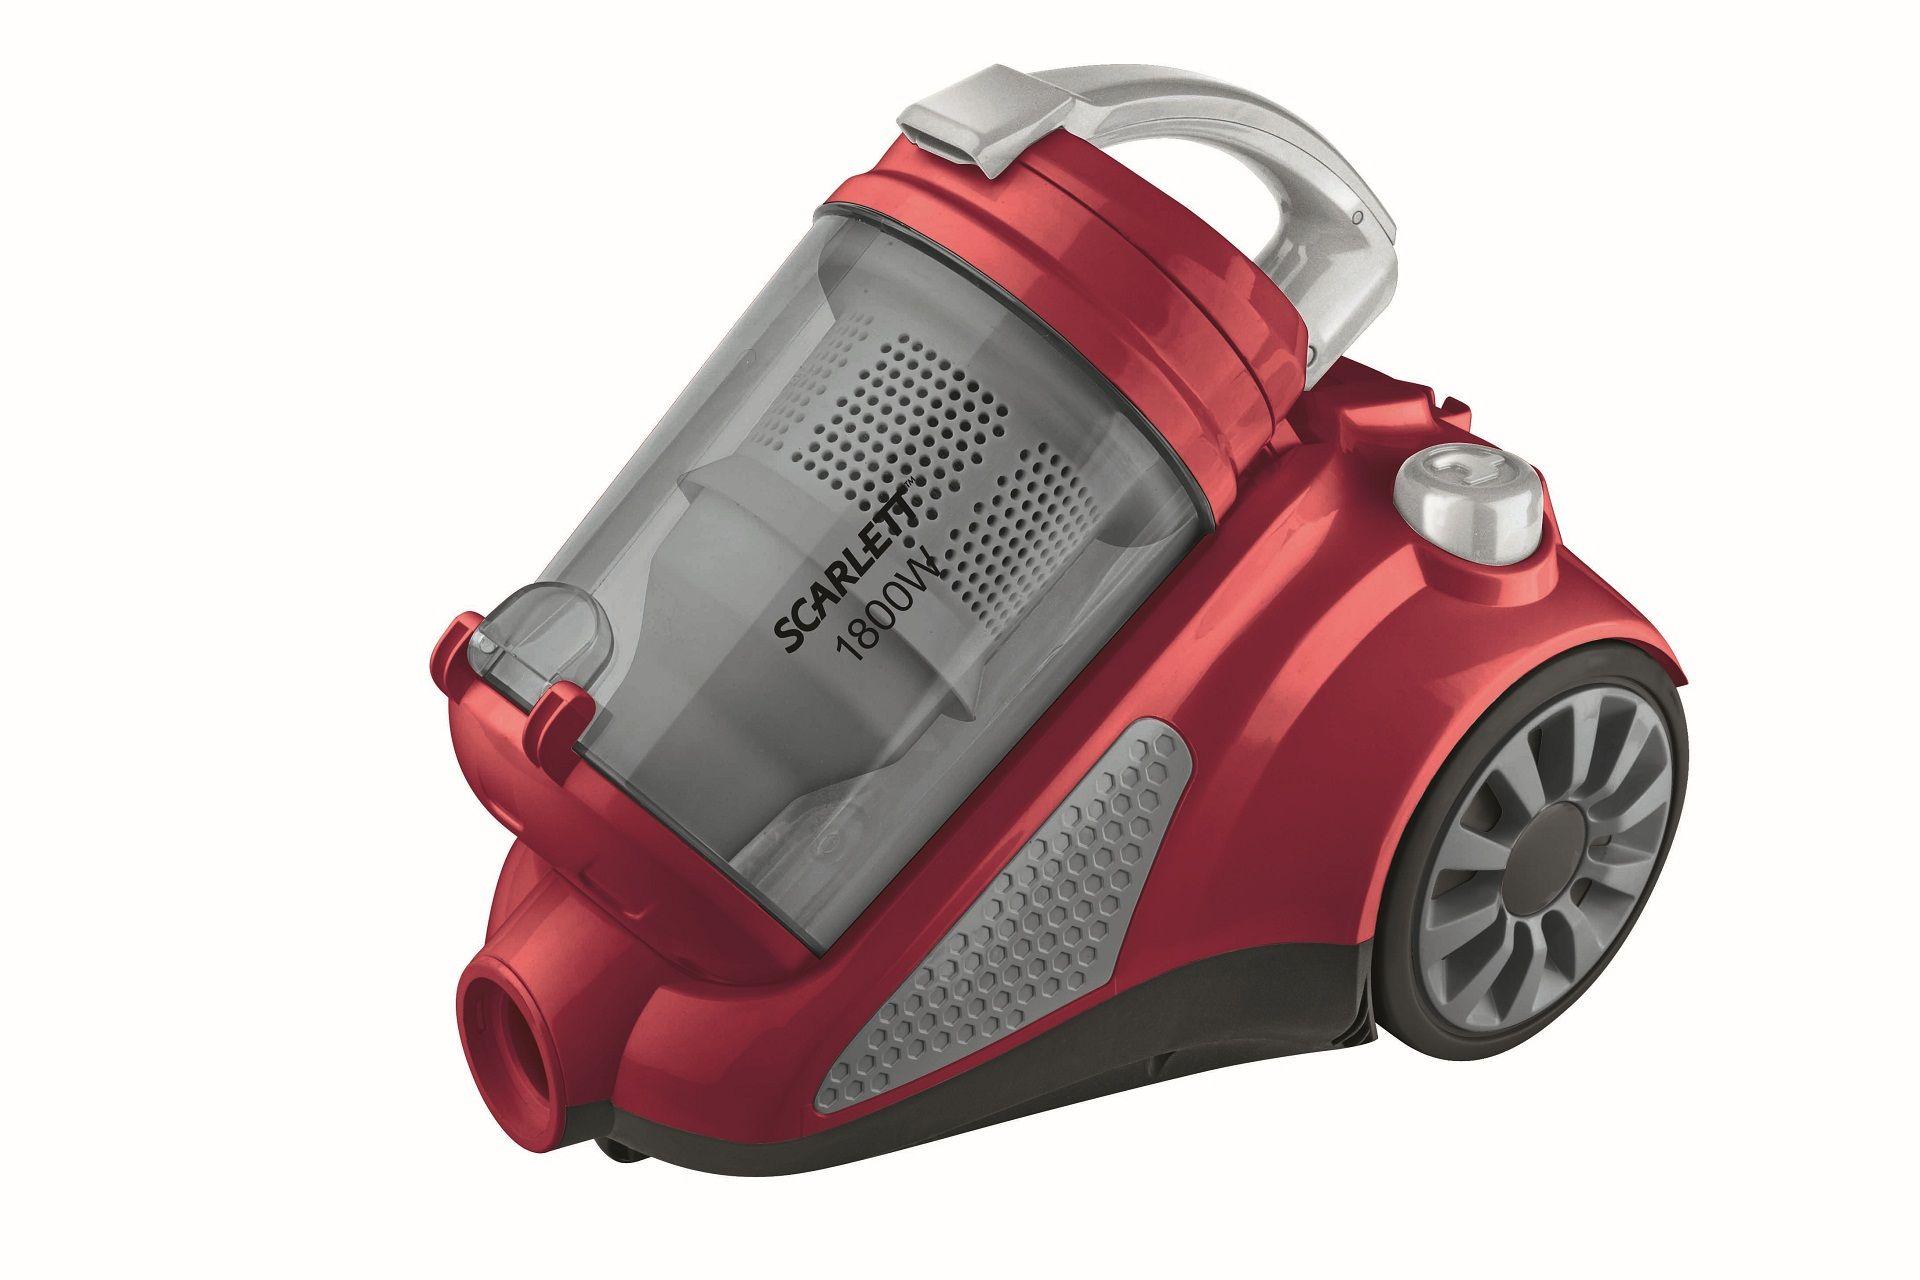 Пылесос без мешка для пыли: какой выбрать, рейтинг лучших производителей и моделей